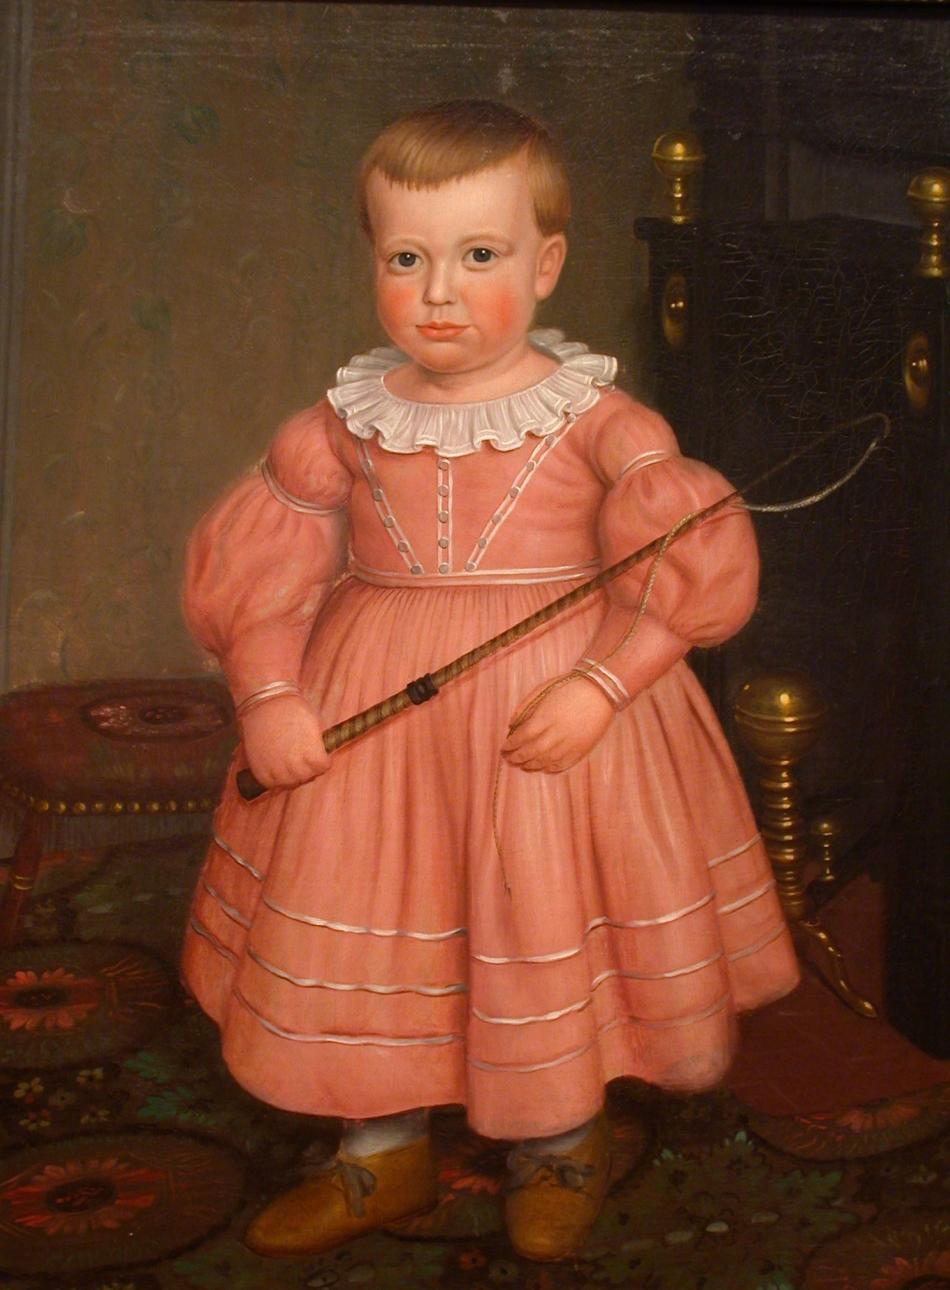 """""""Băieţaş cu bici"""", şcoala americană, cca. 1840. După cum se pare, nu era câtuşi de puţin nepotrivită, la acea epocă, îmbrăcarea unui băieţel  cu o rochiţă roz."""